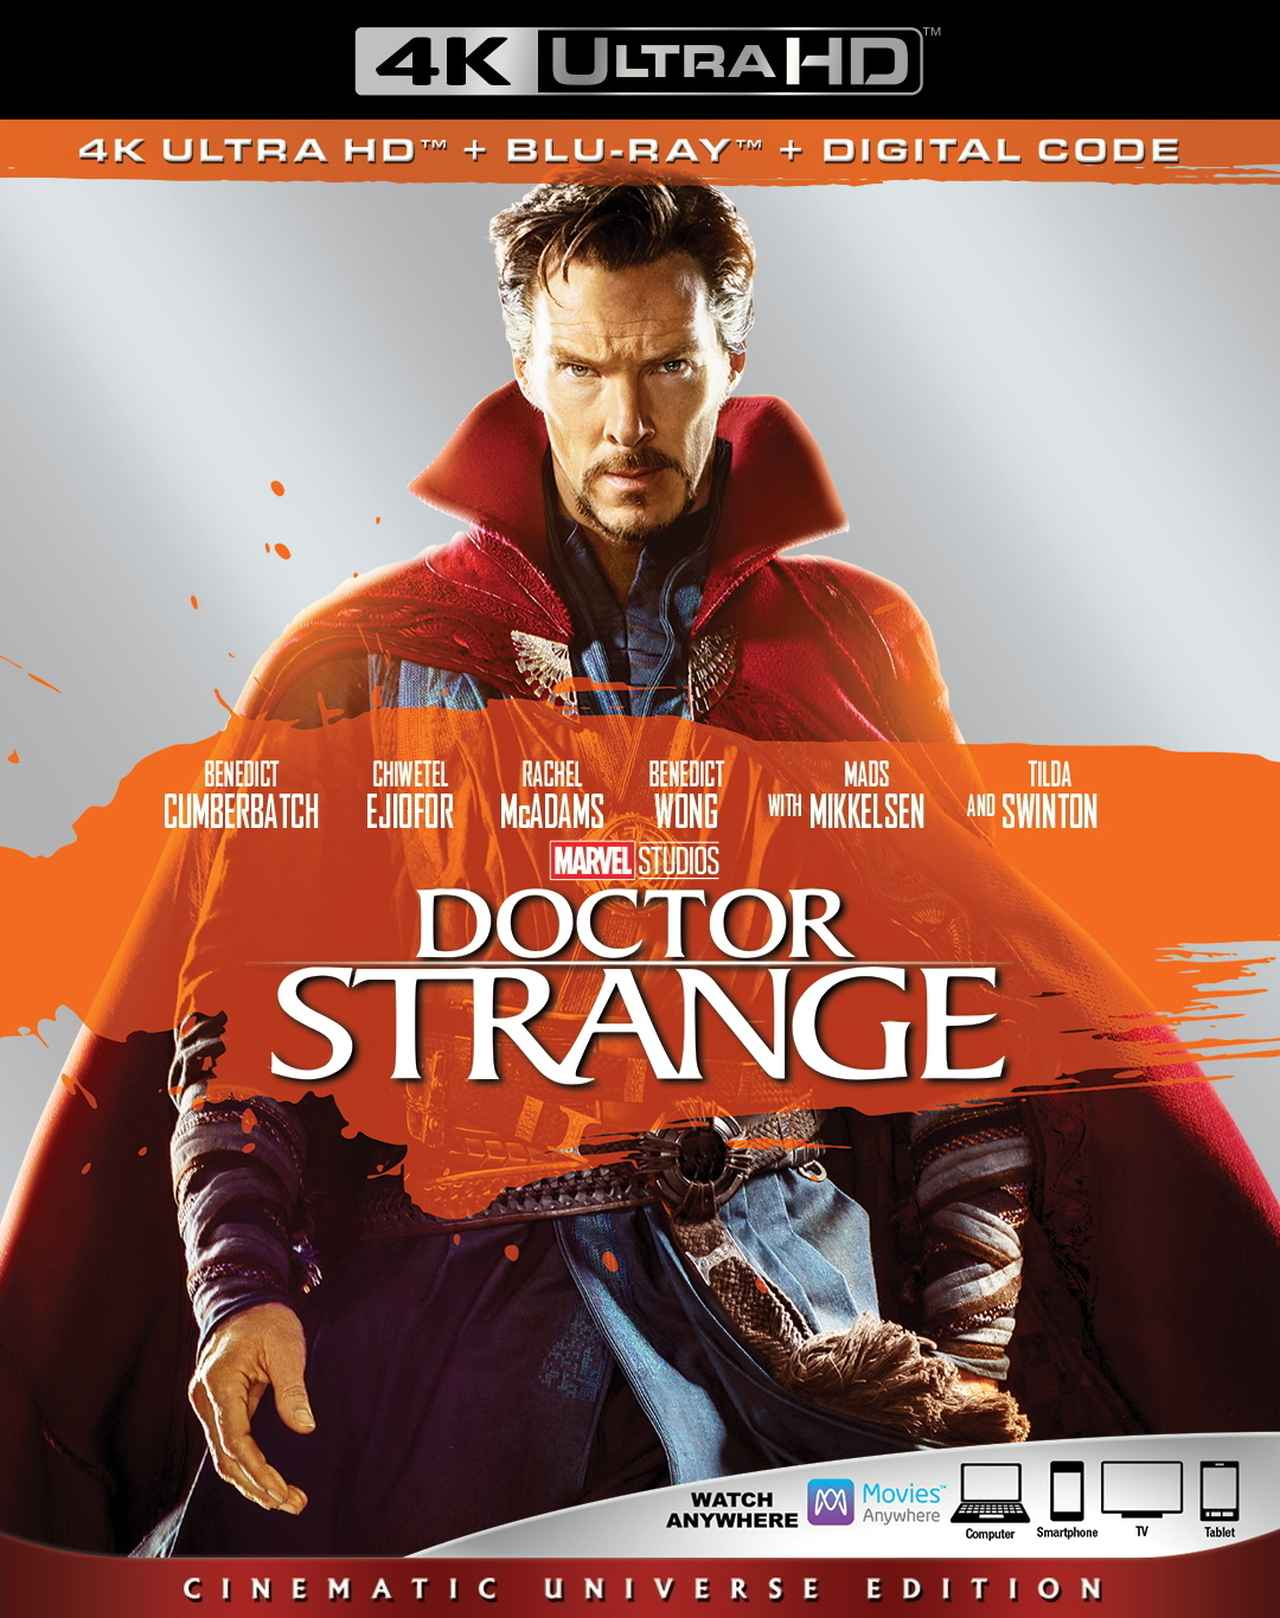 画像5: 10月の4Kマーベル・シネマティック・ユニバース『ガーディアンズ・オブ・ギャラクシー』『アントマン』『ドクター・ストレンジ』【海外盤Blu-ray発売情報】